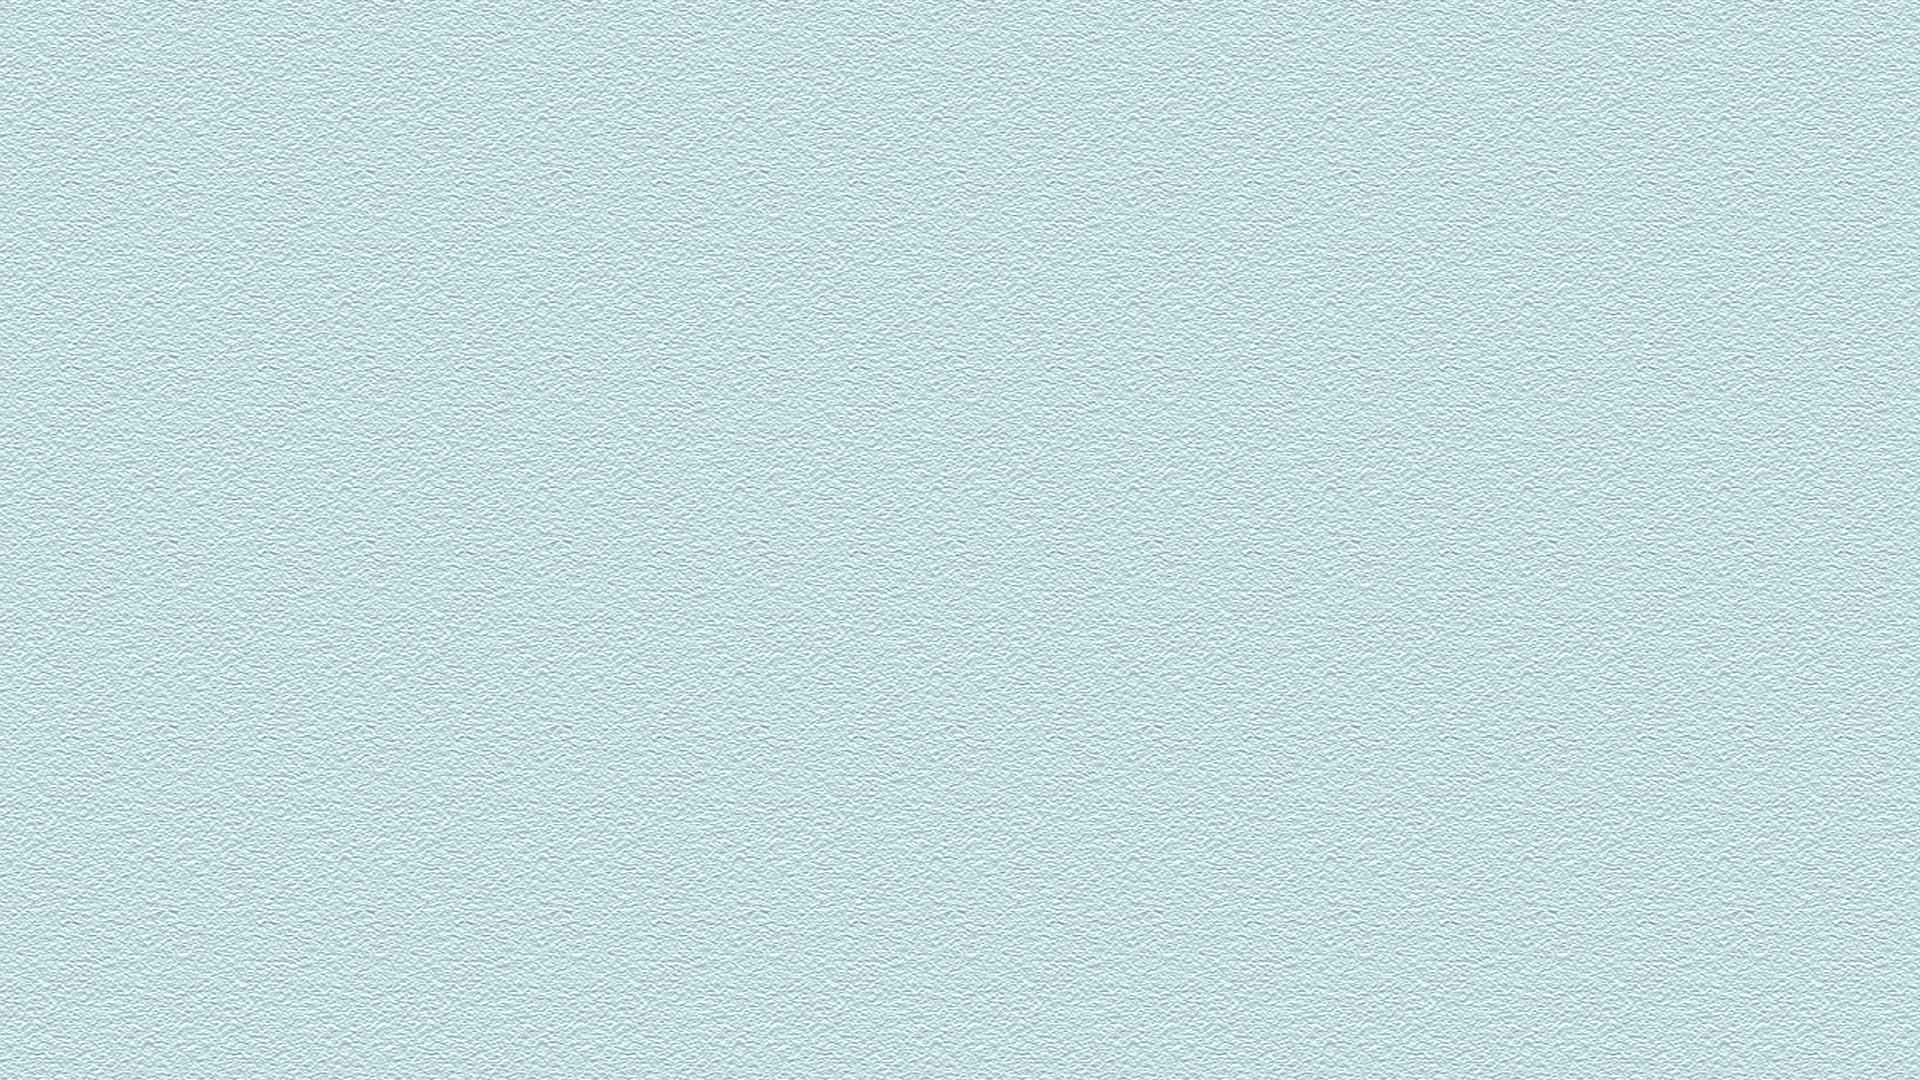 一般的な壁模様2_blue